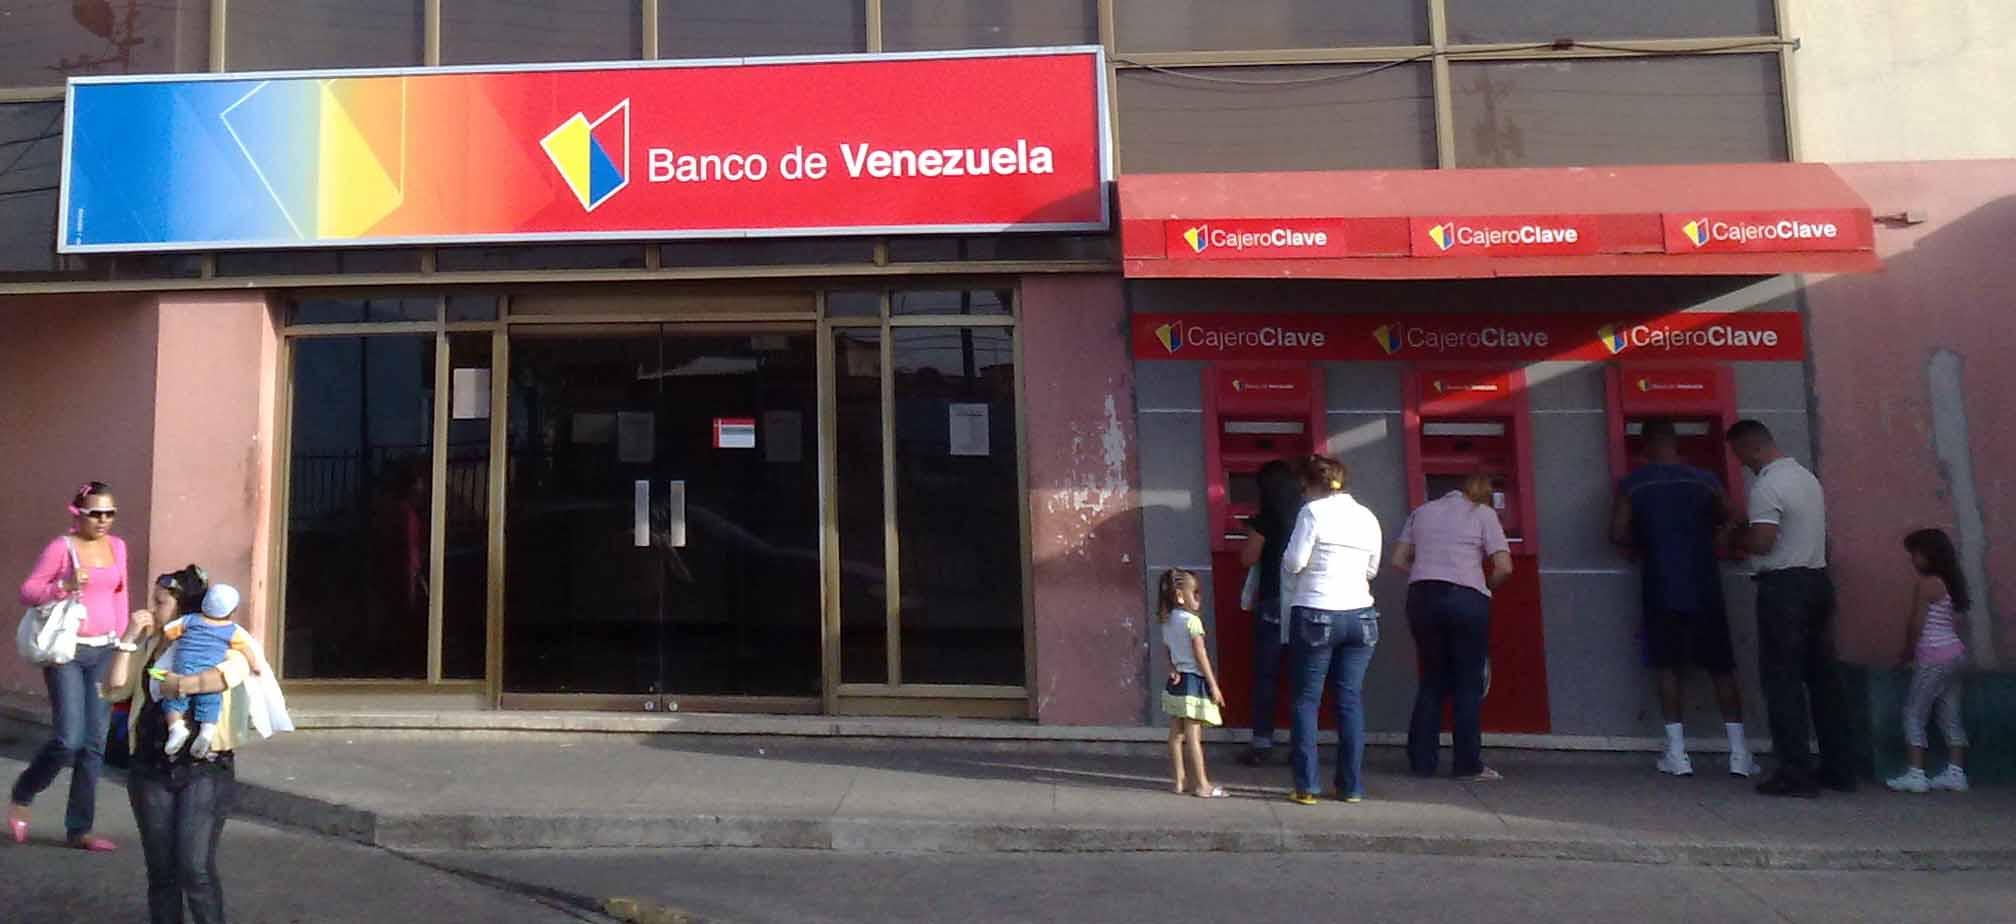 Solicitar Cita en el Banco de Venezuela